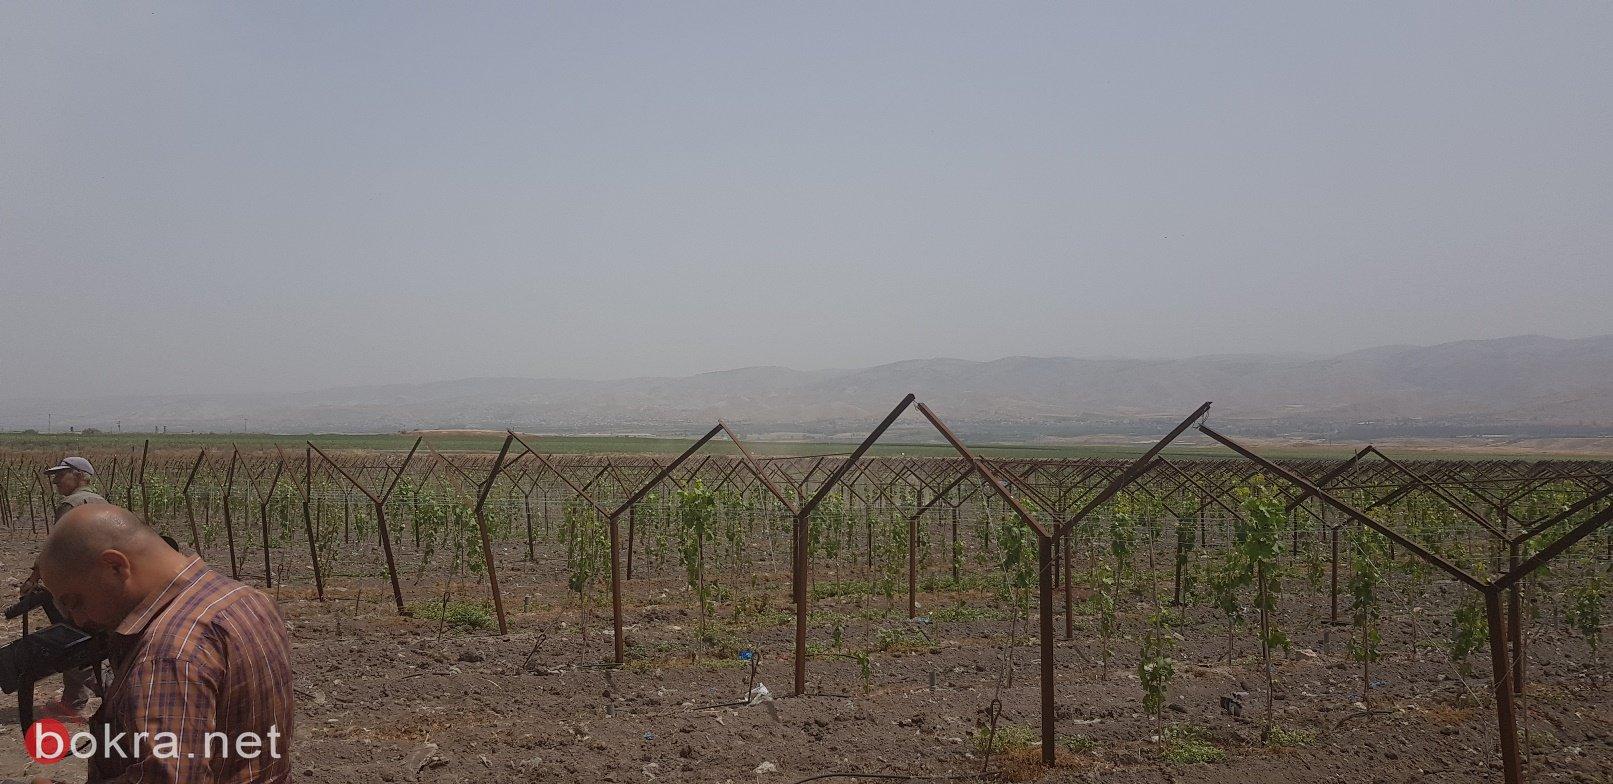 مصطفى: صندوق الاستثمار على وشك الإعلان عن شركة انتاج زراعي ب 80 مليون دولار